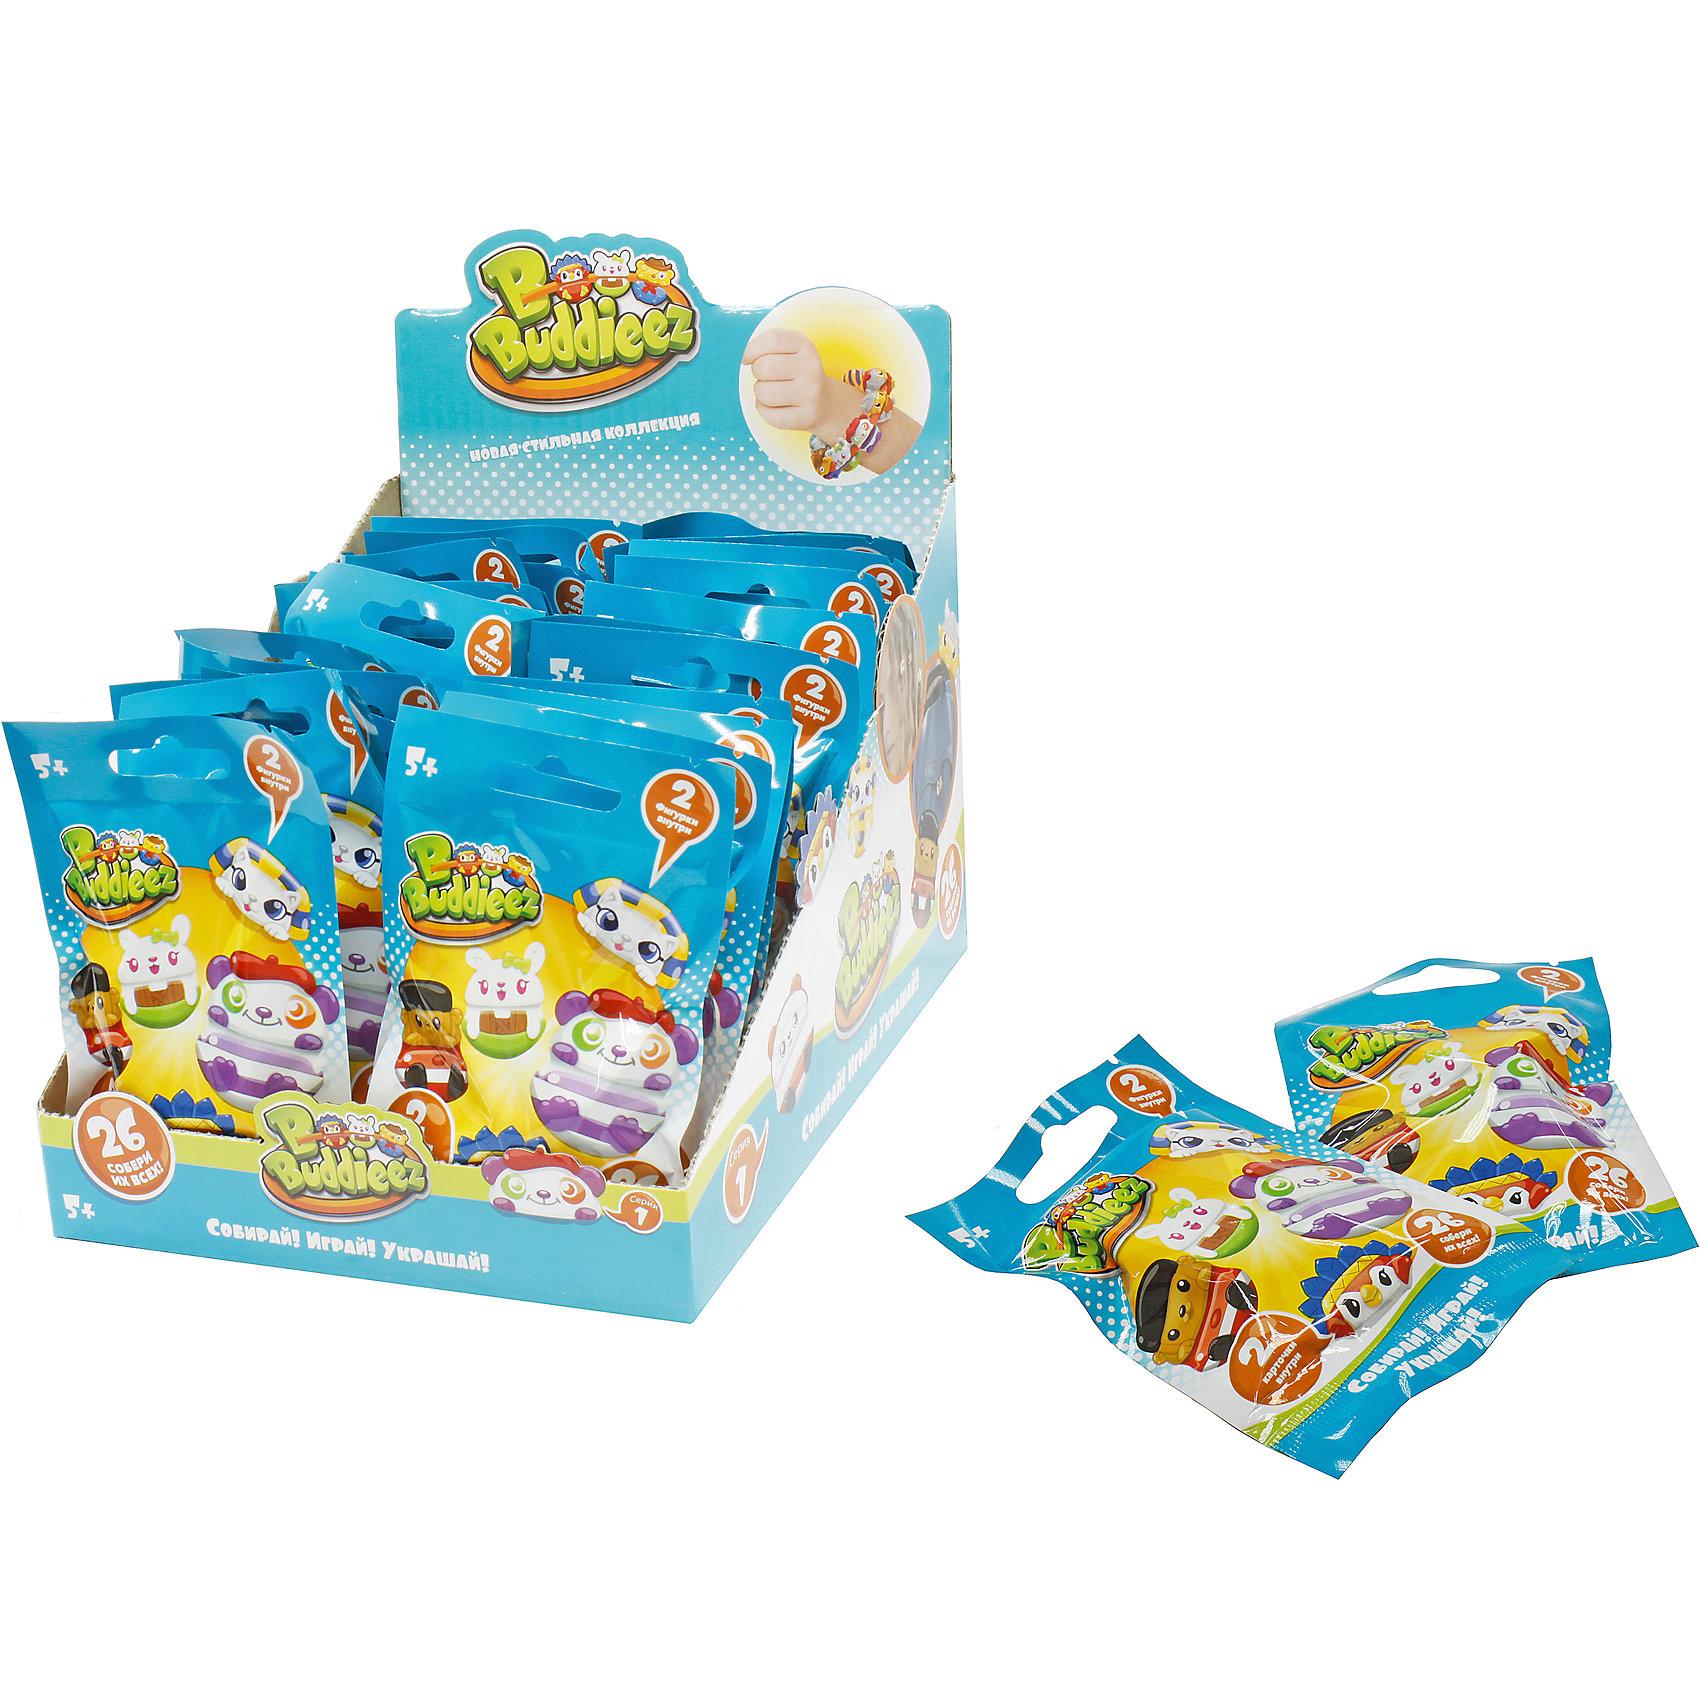 Закрытый пакетик с 2 персонажами-шармами  Bbuddieez, 2 карточкиBbuddieez<br>BBuddieez – коллекционные  монстрики-шармики для девочек и мальчиков 5-12 лет. Их можно прикреплять к браслетам, шнуркам, волосам, рюкзакам, на ручки и карандаши, на одежду. С монстриками можно придумать различные Закрытый пакетик с 2 персонажами-шармами  Bbuddieez, 2 карточки<br><br>Характеристики:<br><br>• Серия: Вокруг света;<br>• В наборе:<br>-монстрики-зверюшки - 2 шт.<br>-карточка персонажа - 2 шт.<br><br>BBuddieez – коллекционные  монстрики-шармики для девочек и мальчиков 5-12 лет. Их можно прикреплять к браслетам, шнуркам, волосам, рюкзакам, на ручки и карандаши, на одежду. С монстриками можно придумать различные увлекательные игры, собирать и обмениваться с друзьями.  Набор из 2-х монстриков и 2-х карточек с именем фигурки и кратким описанием, в закрытом фольгированном пакете. Вся коллекция указана на обратной стороне. Собери всю коллекцию!<br><br>Закрытый пакетик с 2 персонажами-шармами  Bbuddieez, 2 карточки, можно купить в нашем интернет- магазине.<br><br>Ширина мм: 70<br>Глубина мм: 120<br>Высота мм: 20<br>Вес г: 16<br>Возраст от месяцев: 60<br>Возраст до месяцев: 192<br>Пол: Унисекс<br>Возраст: Детский<br>SKU: 5154265